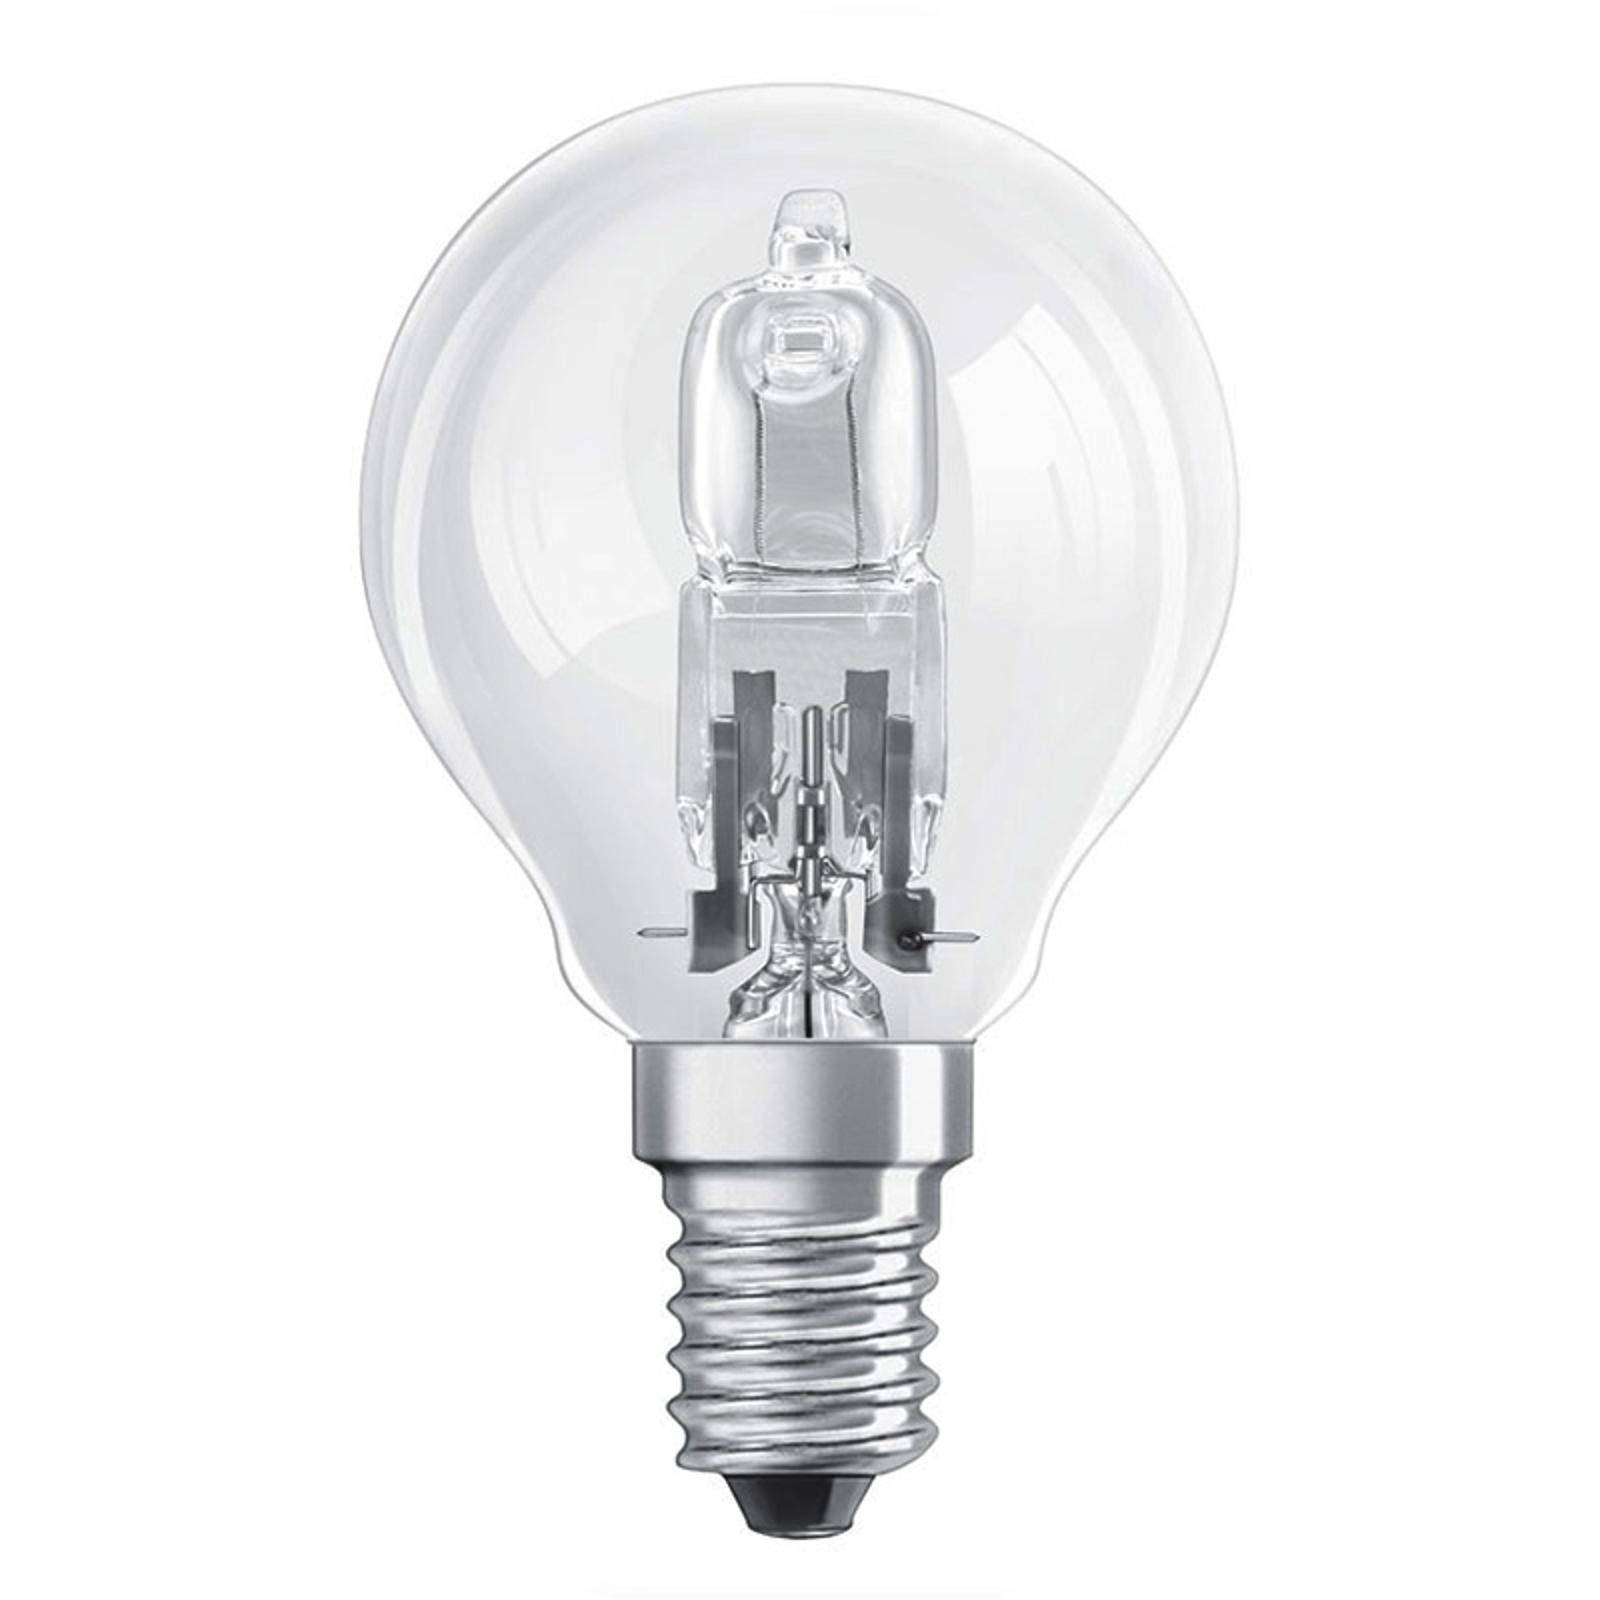 E14 30W Tropfenlampe Halogen CLASSIC P